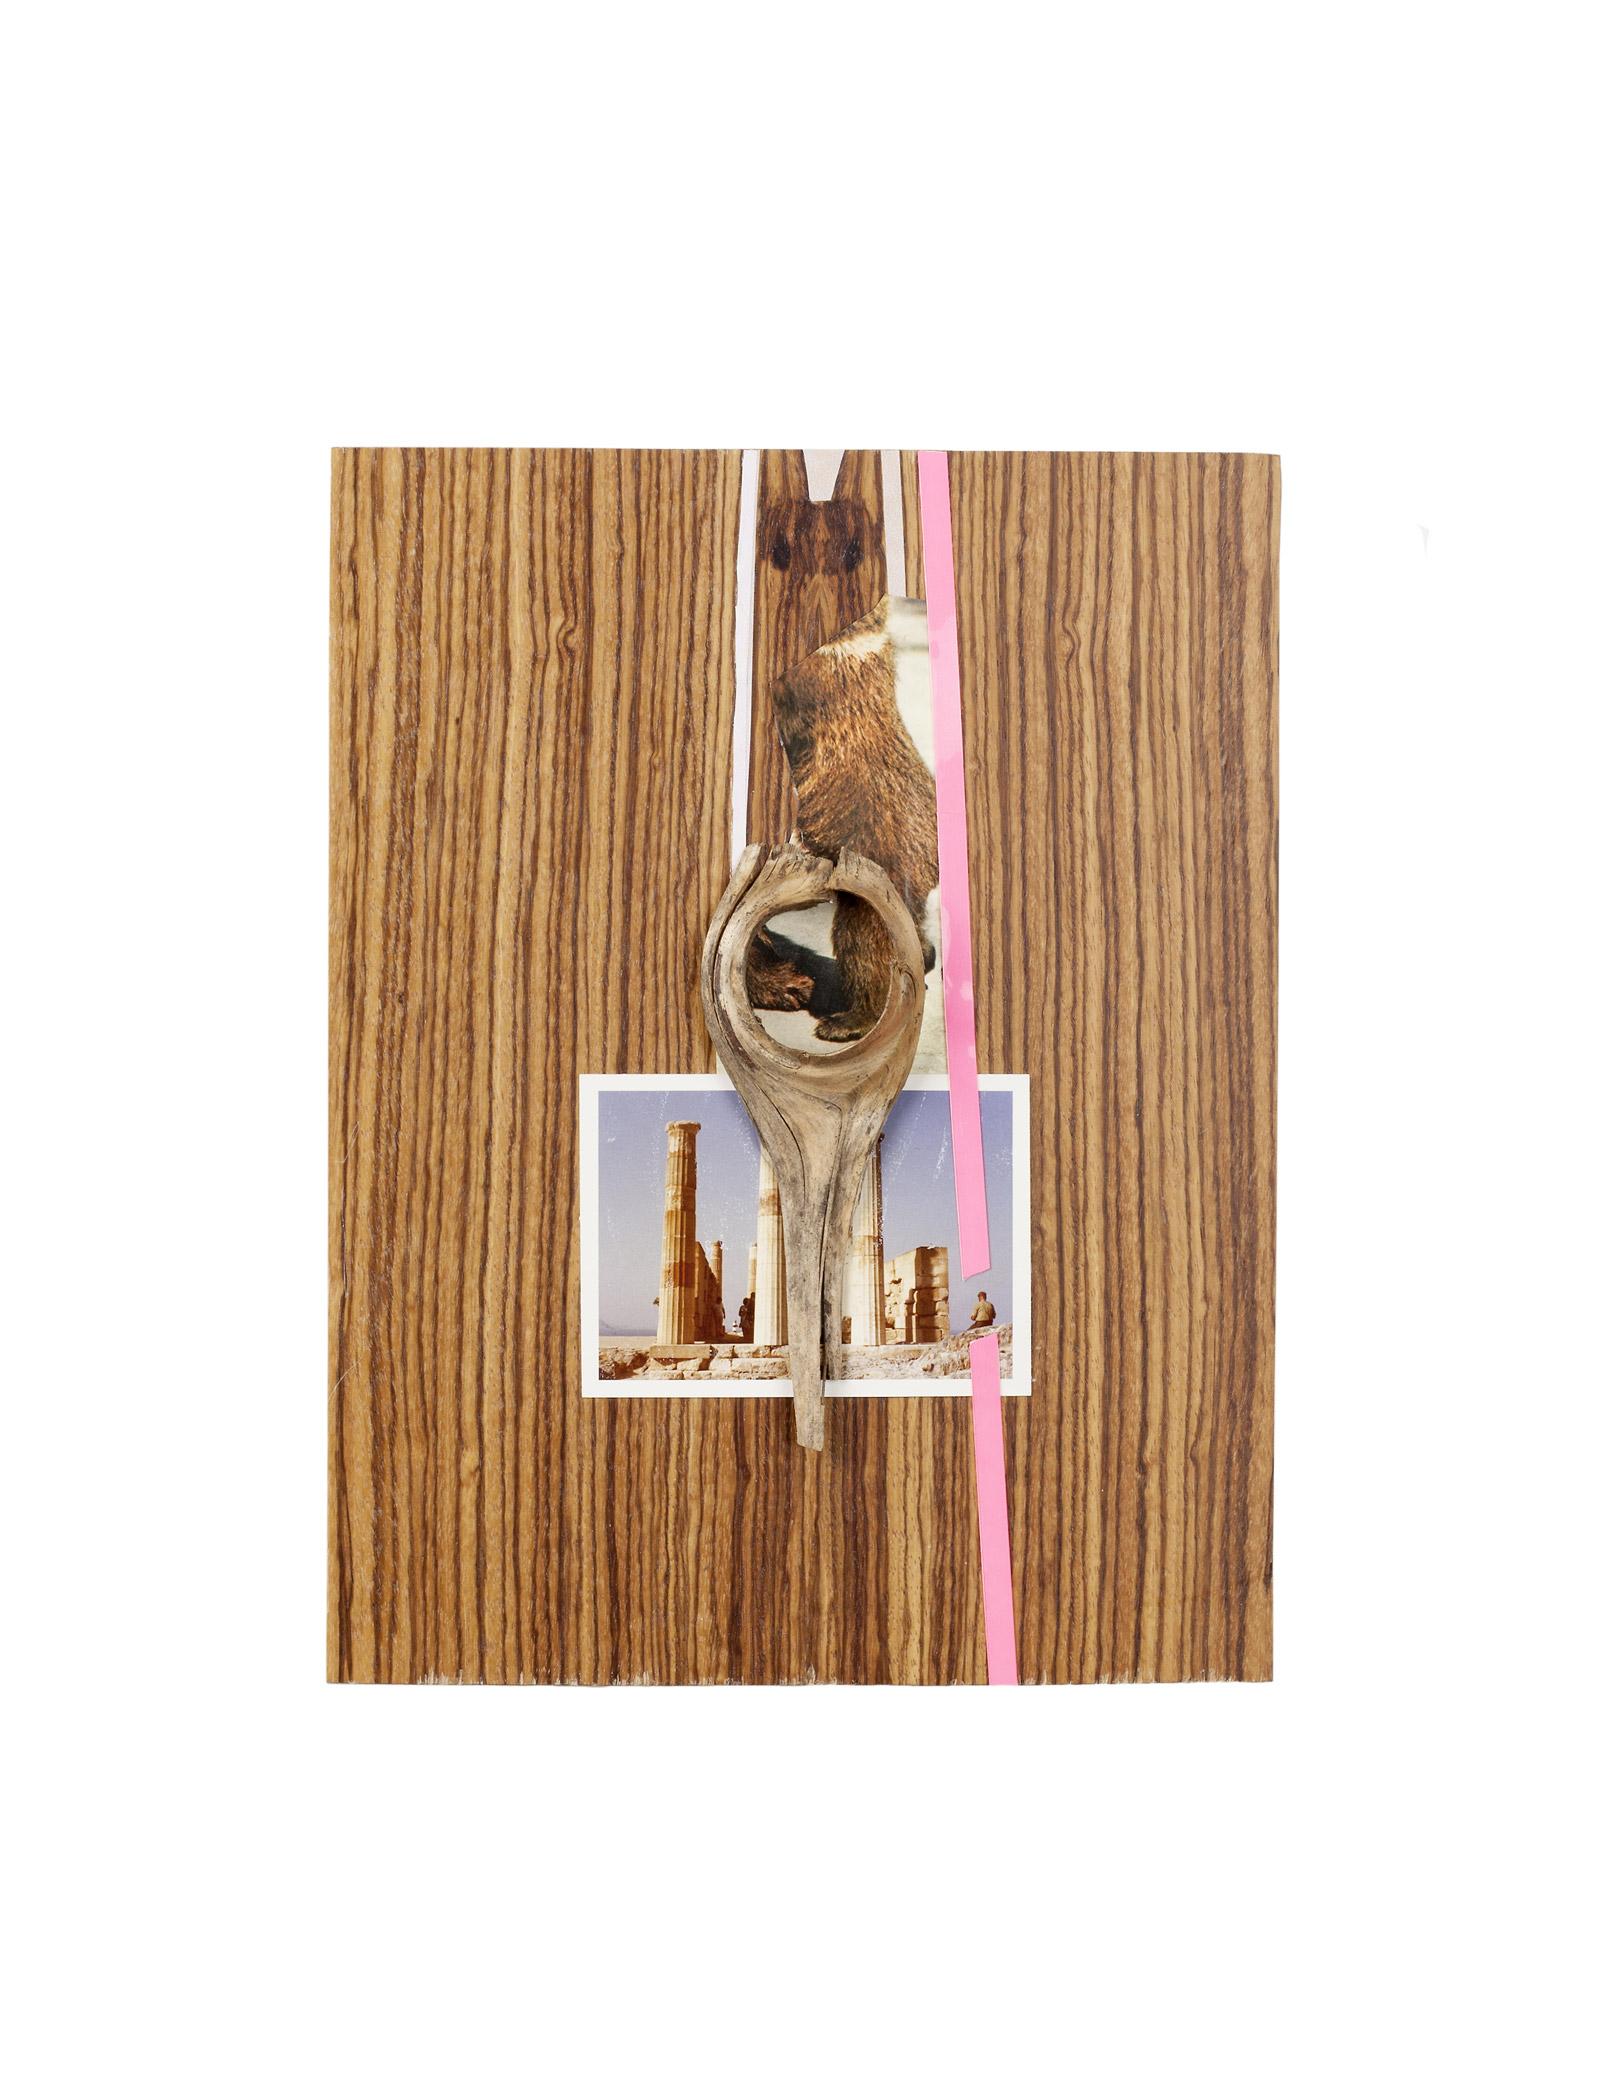 """o.T. aus """"Endemisches Kollegium"""", 2018, 29,5 x 22,6 x 2,8 cm, Assemblage diverser Materialien auf Holzfurnier"""